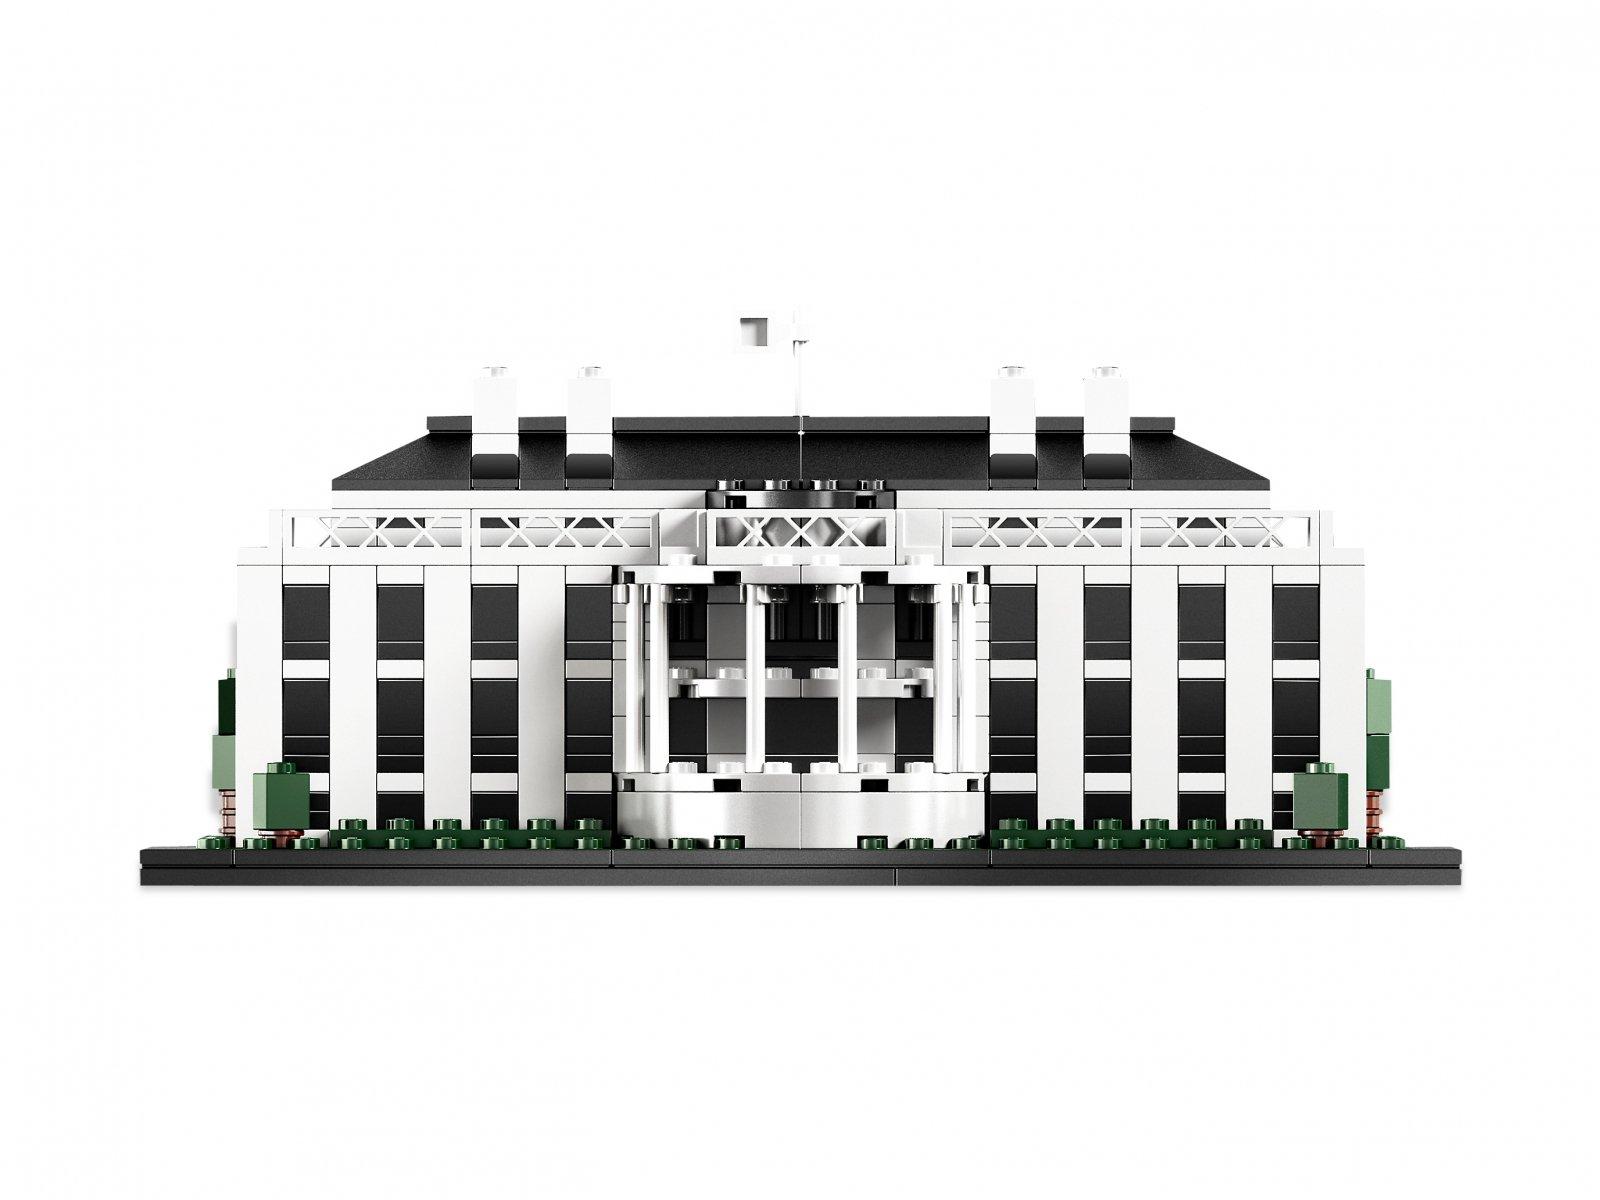 LEGO 21006 Biały Dom